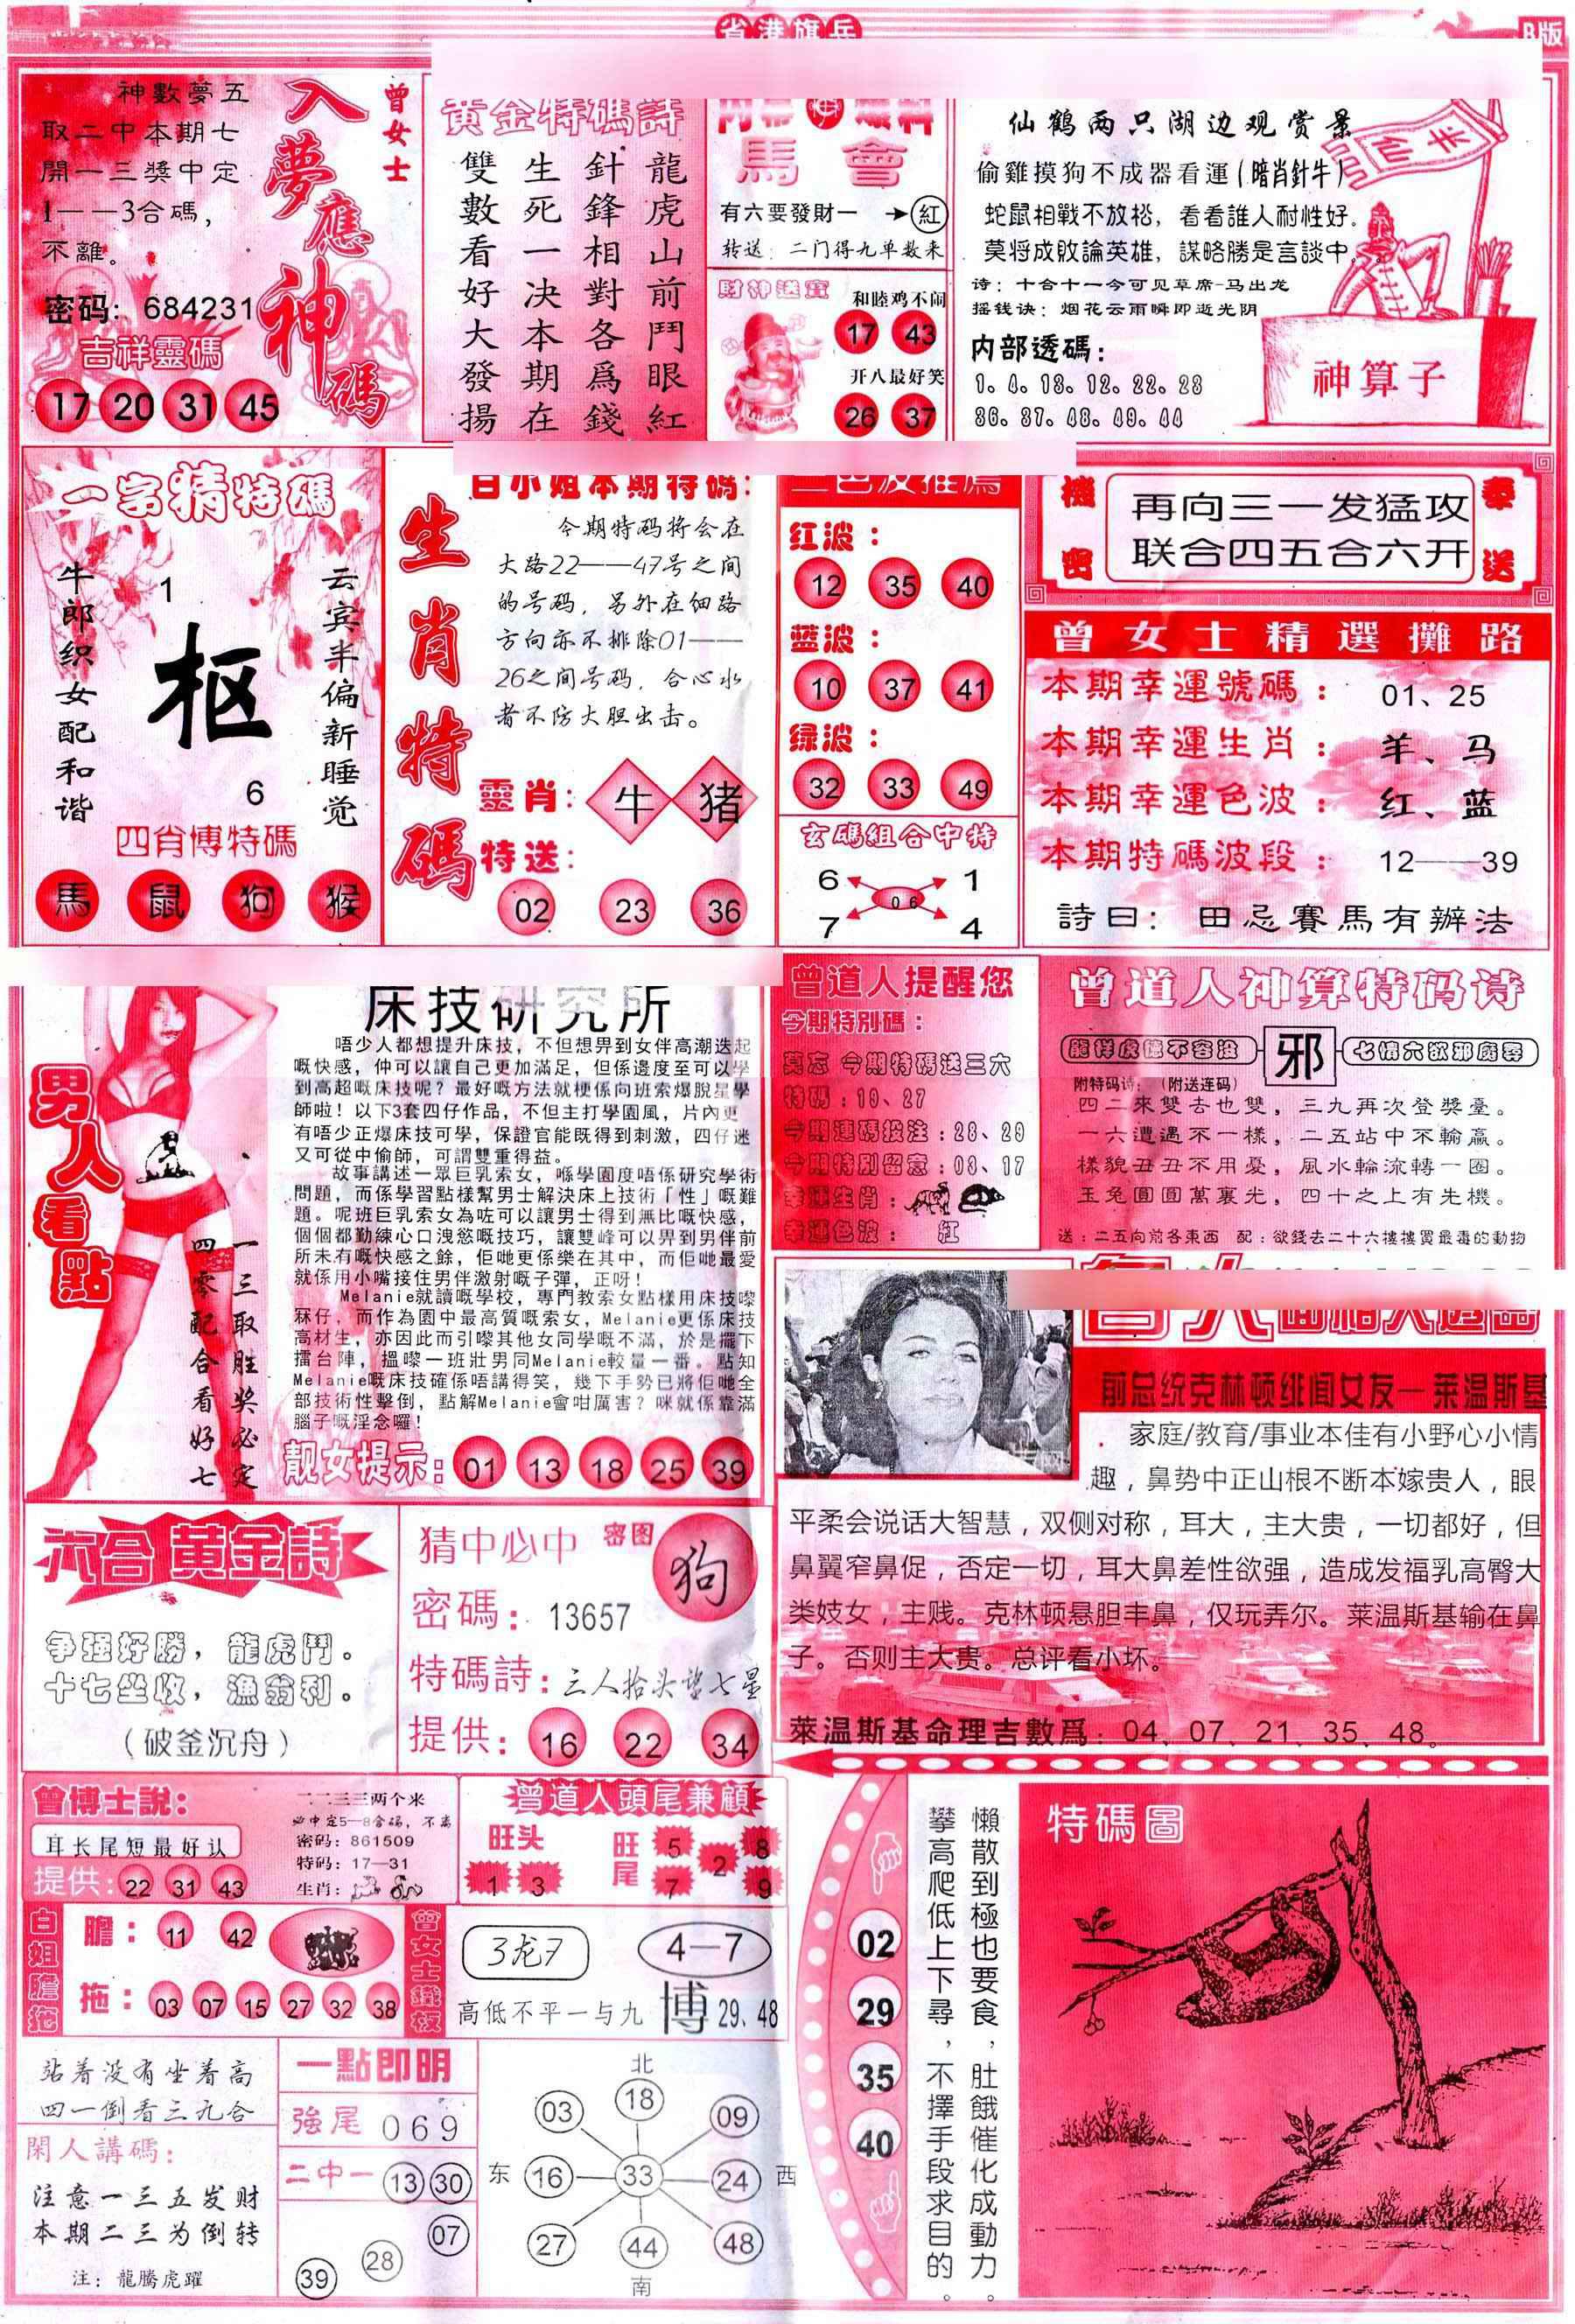 066期彩道B(保证香港版)